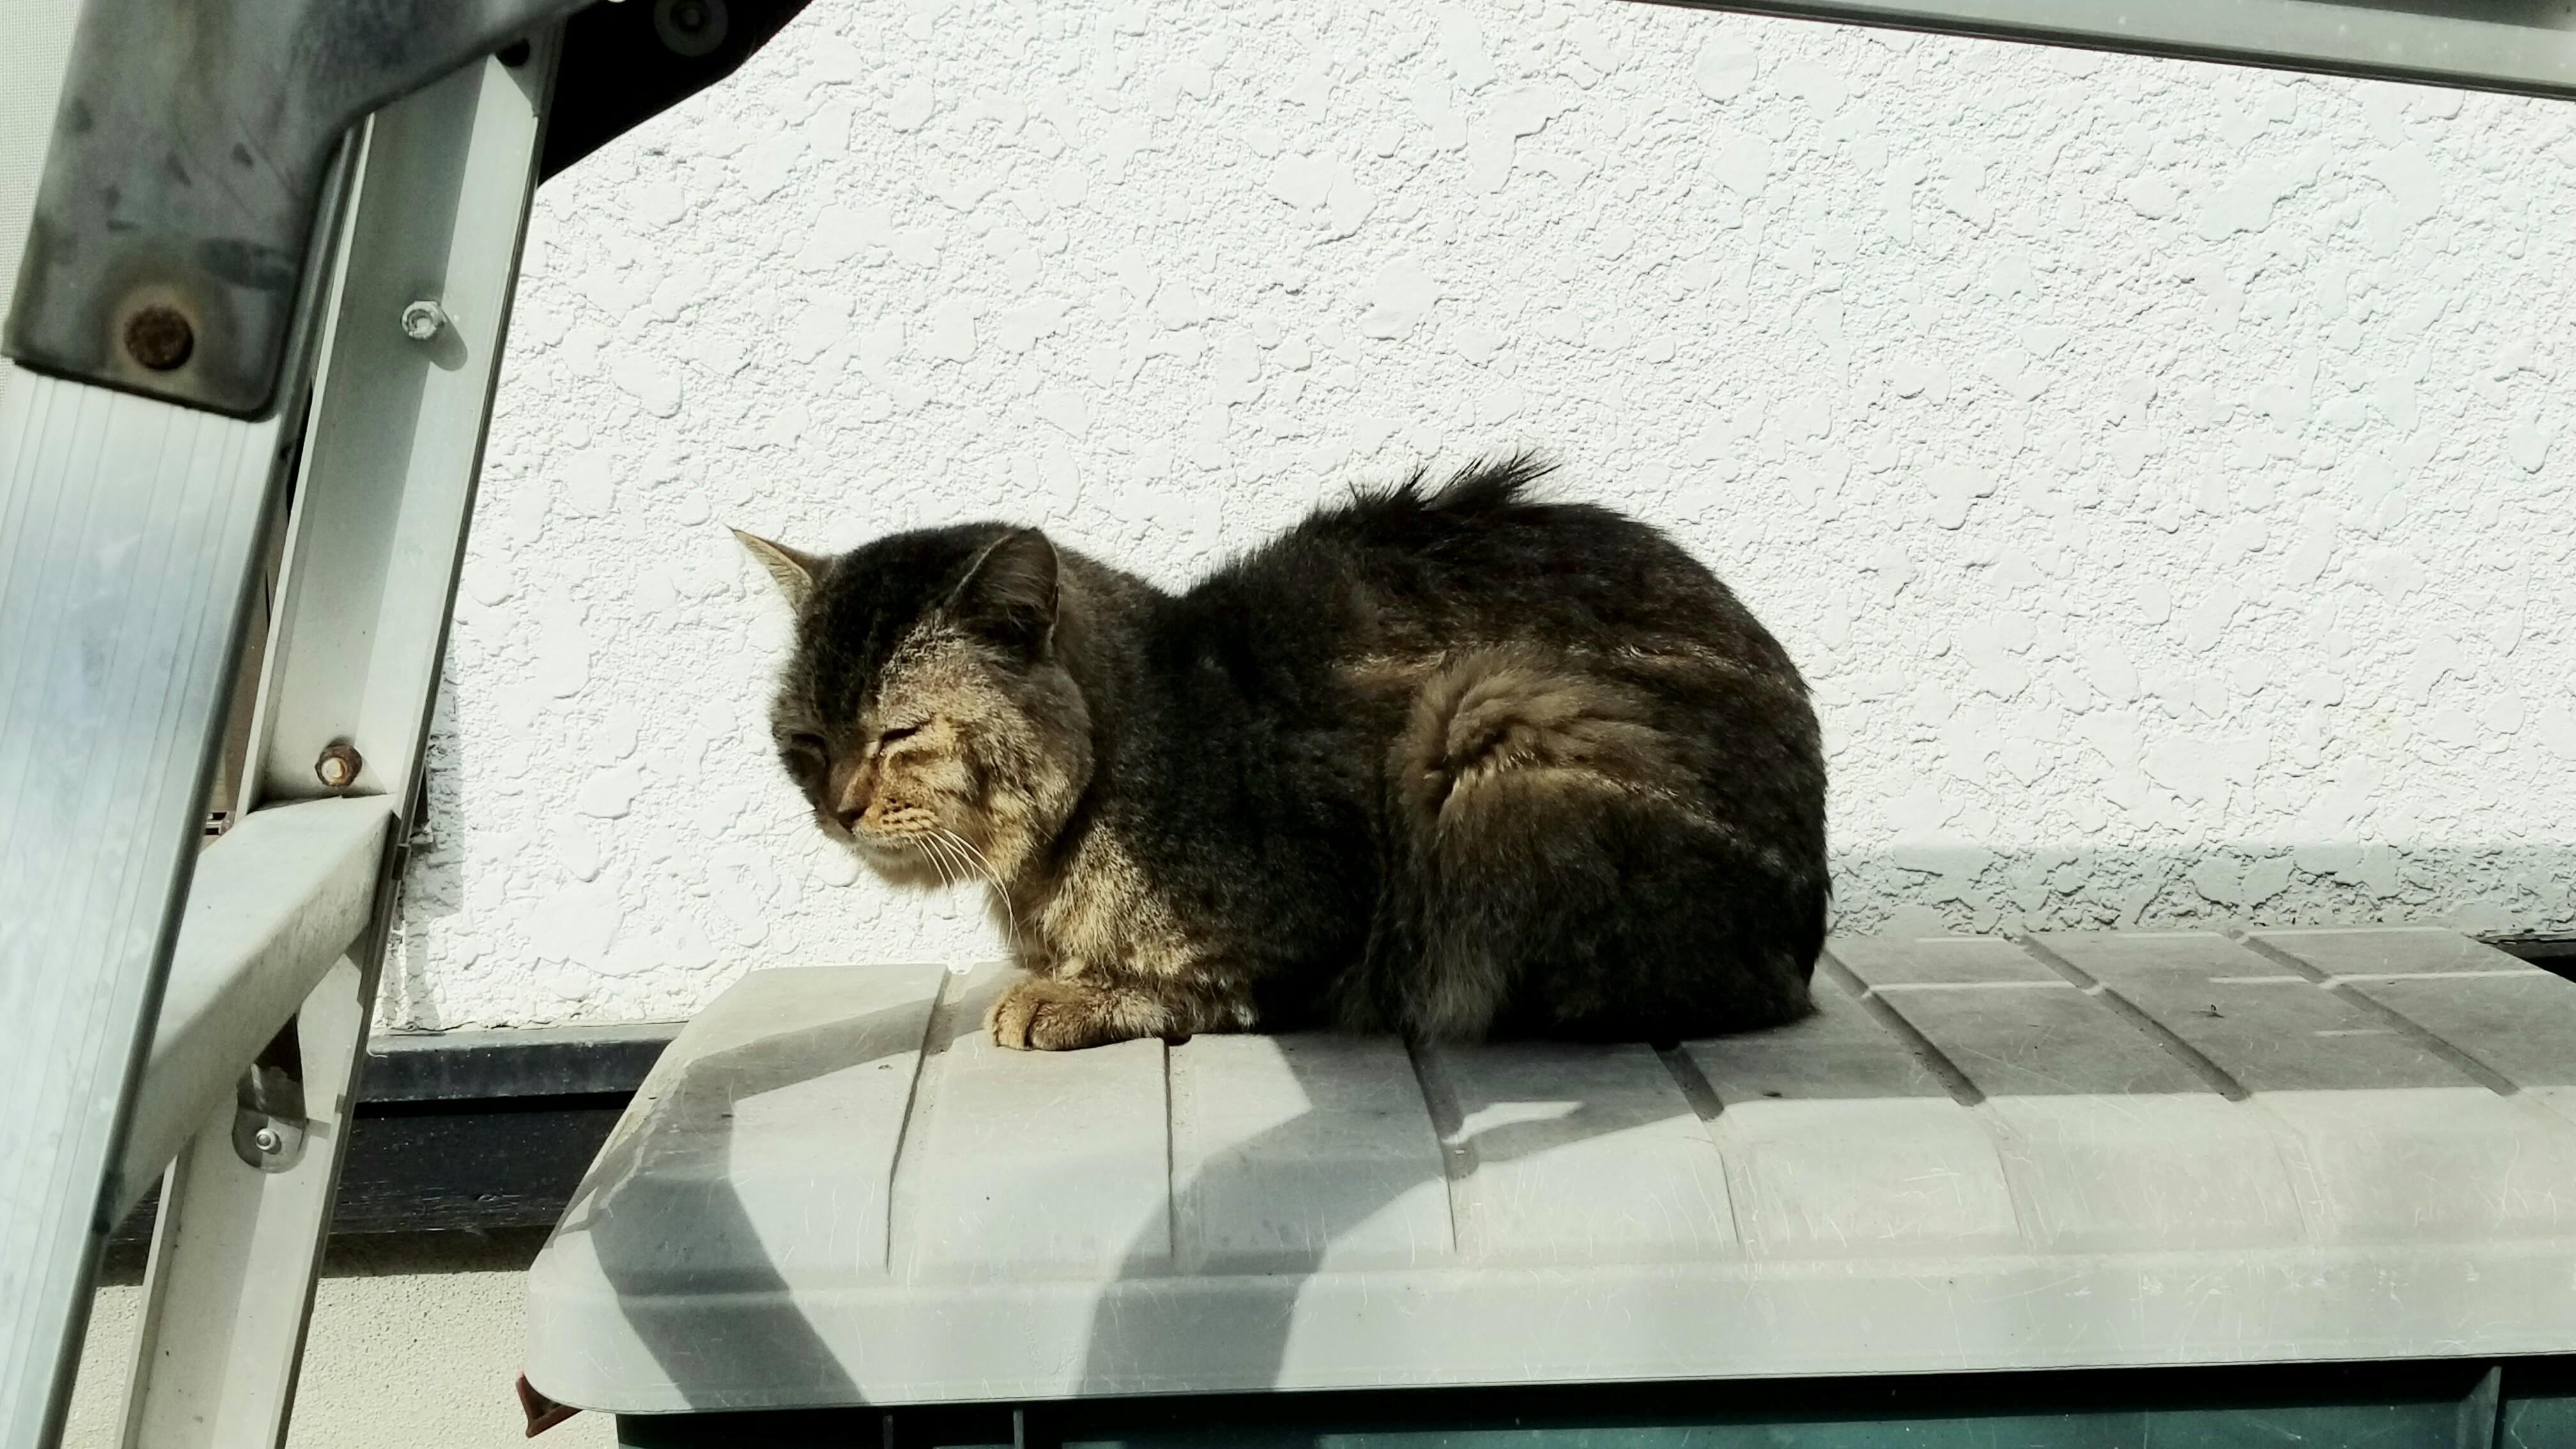 野良猫老衰日向ぼっこ日光浴かわいいにゃんこ寝床拾う迎え方ブログ